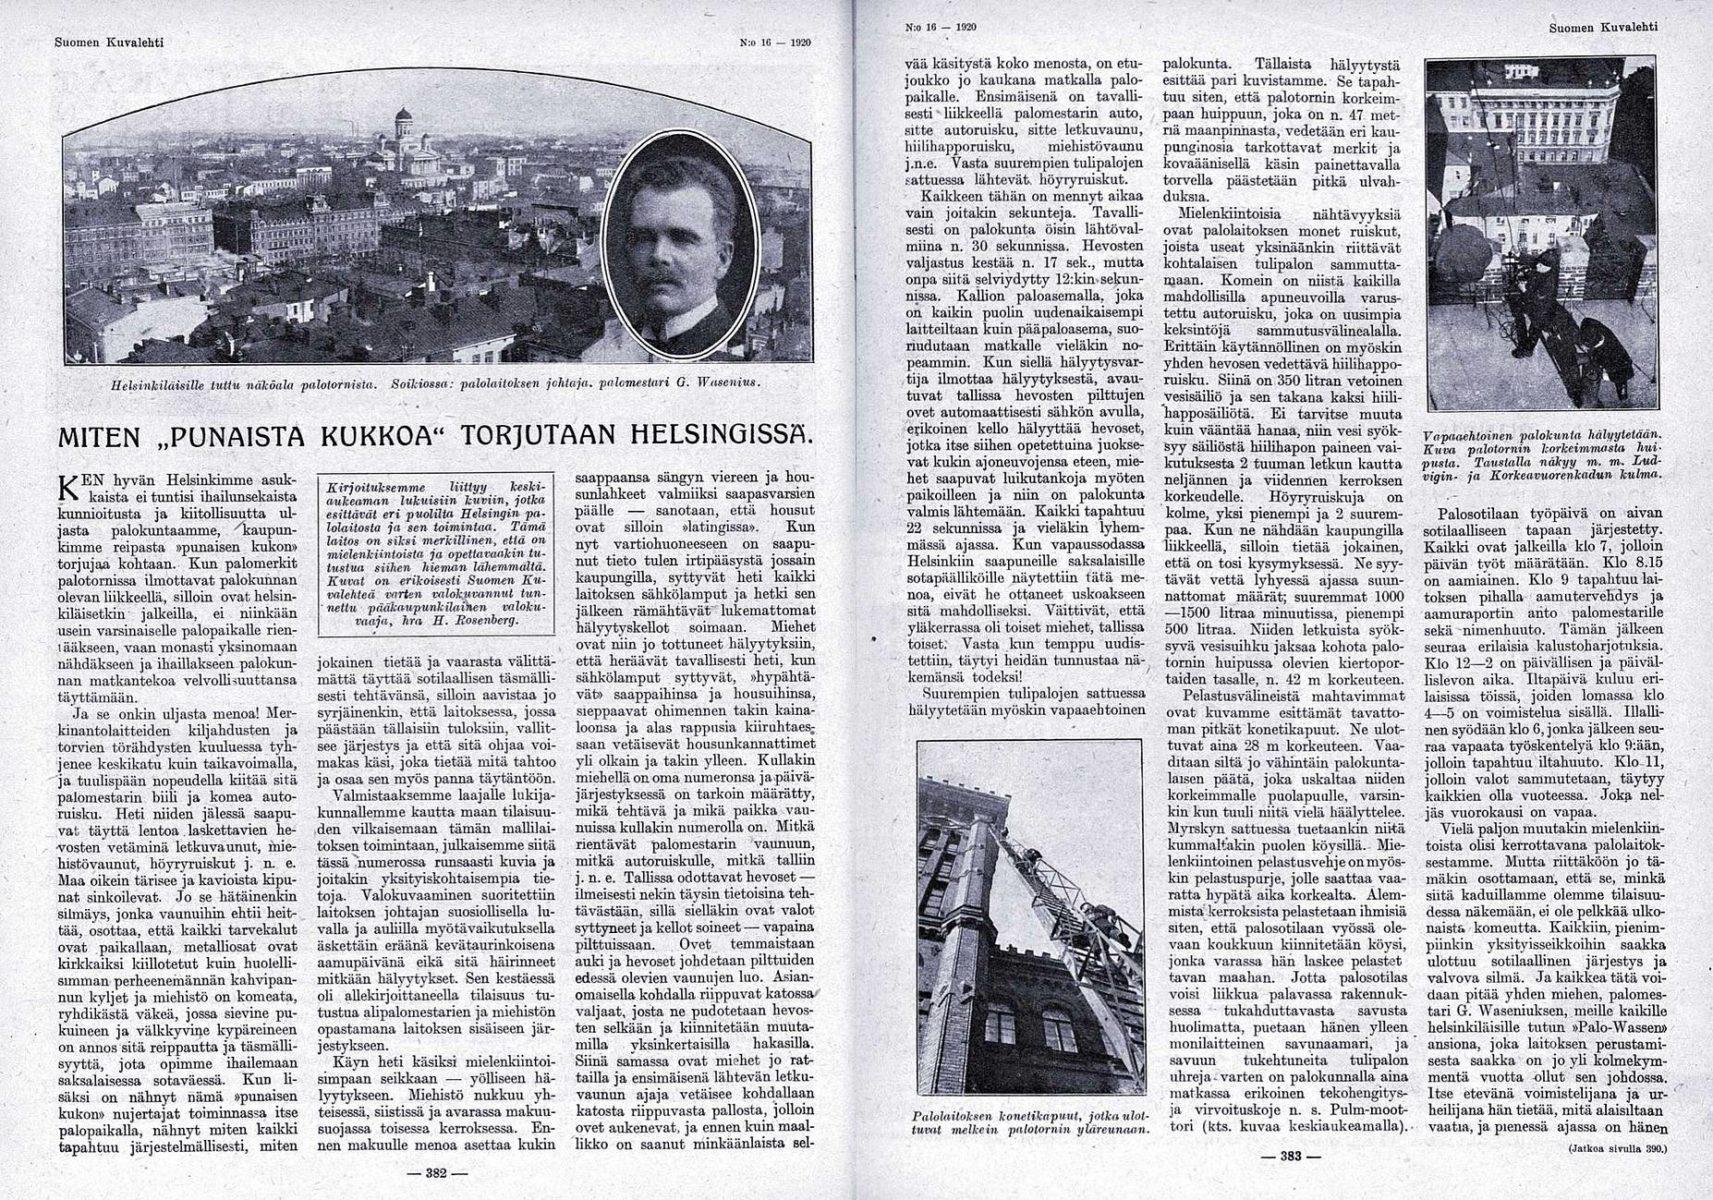 """SK 16/1920 (17.4.1920) Yrjö Ylänne: """"Miten 'punaista kukkoa' torjutaan Helsingissä."""""""